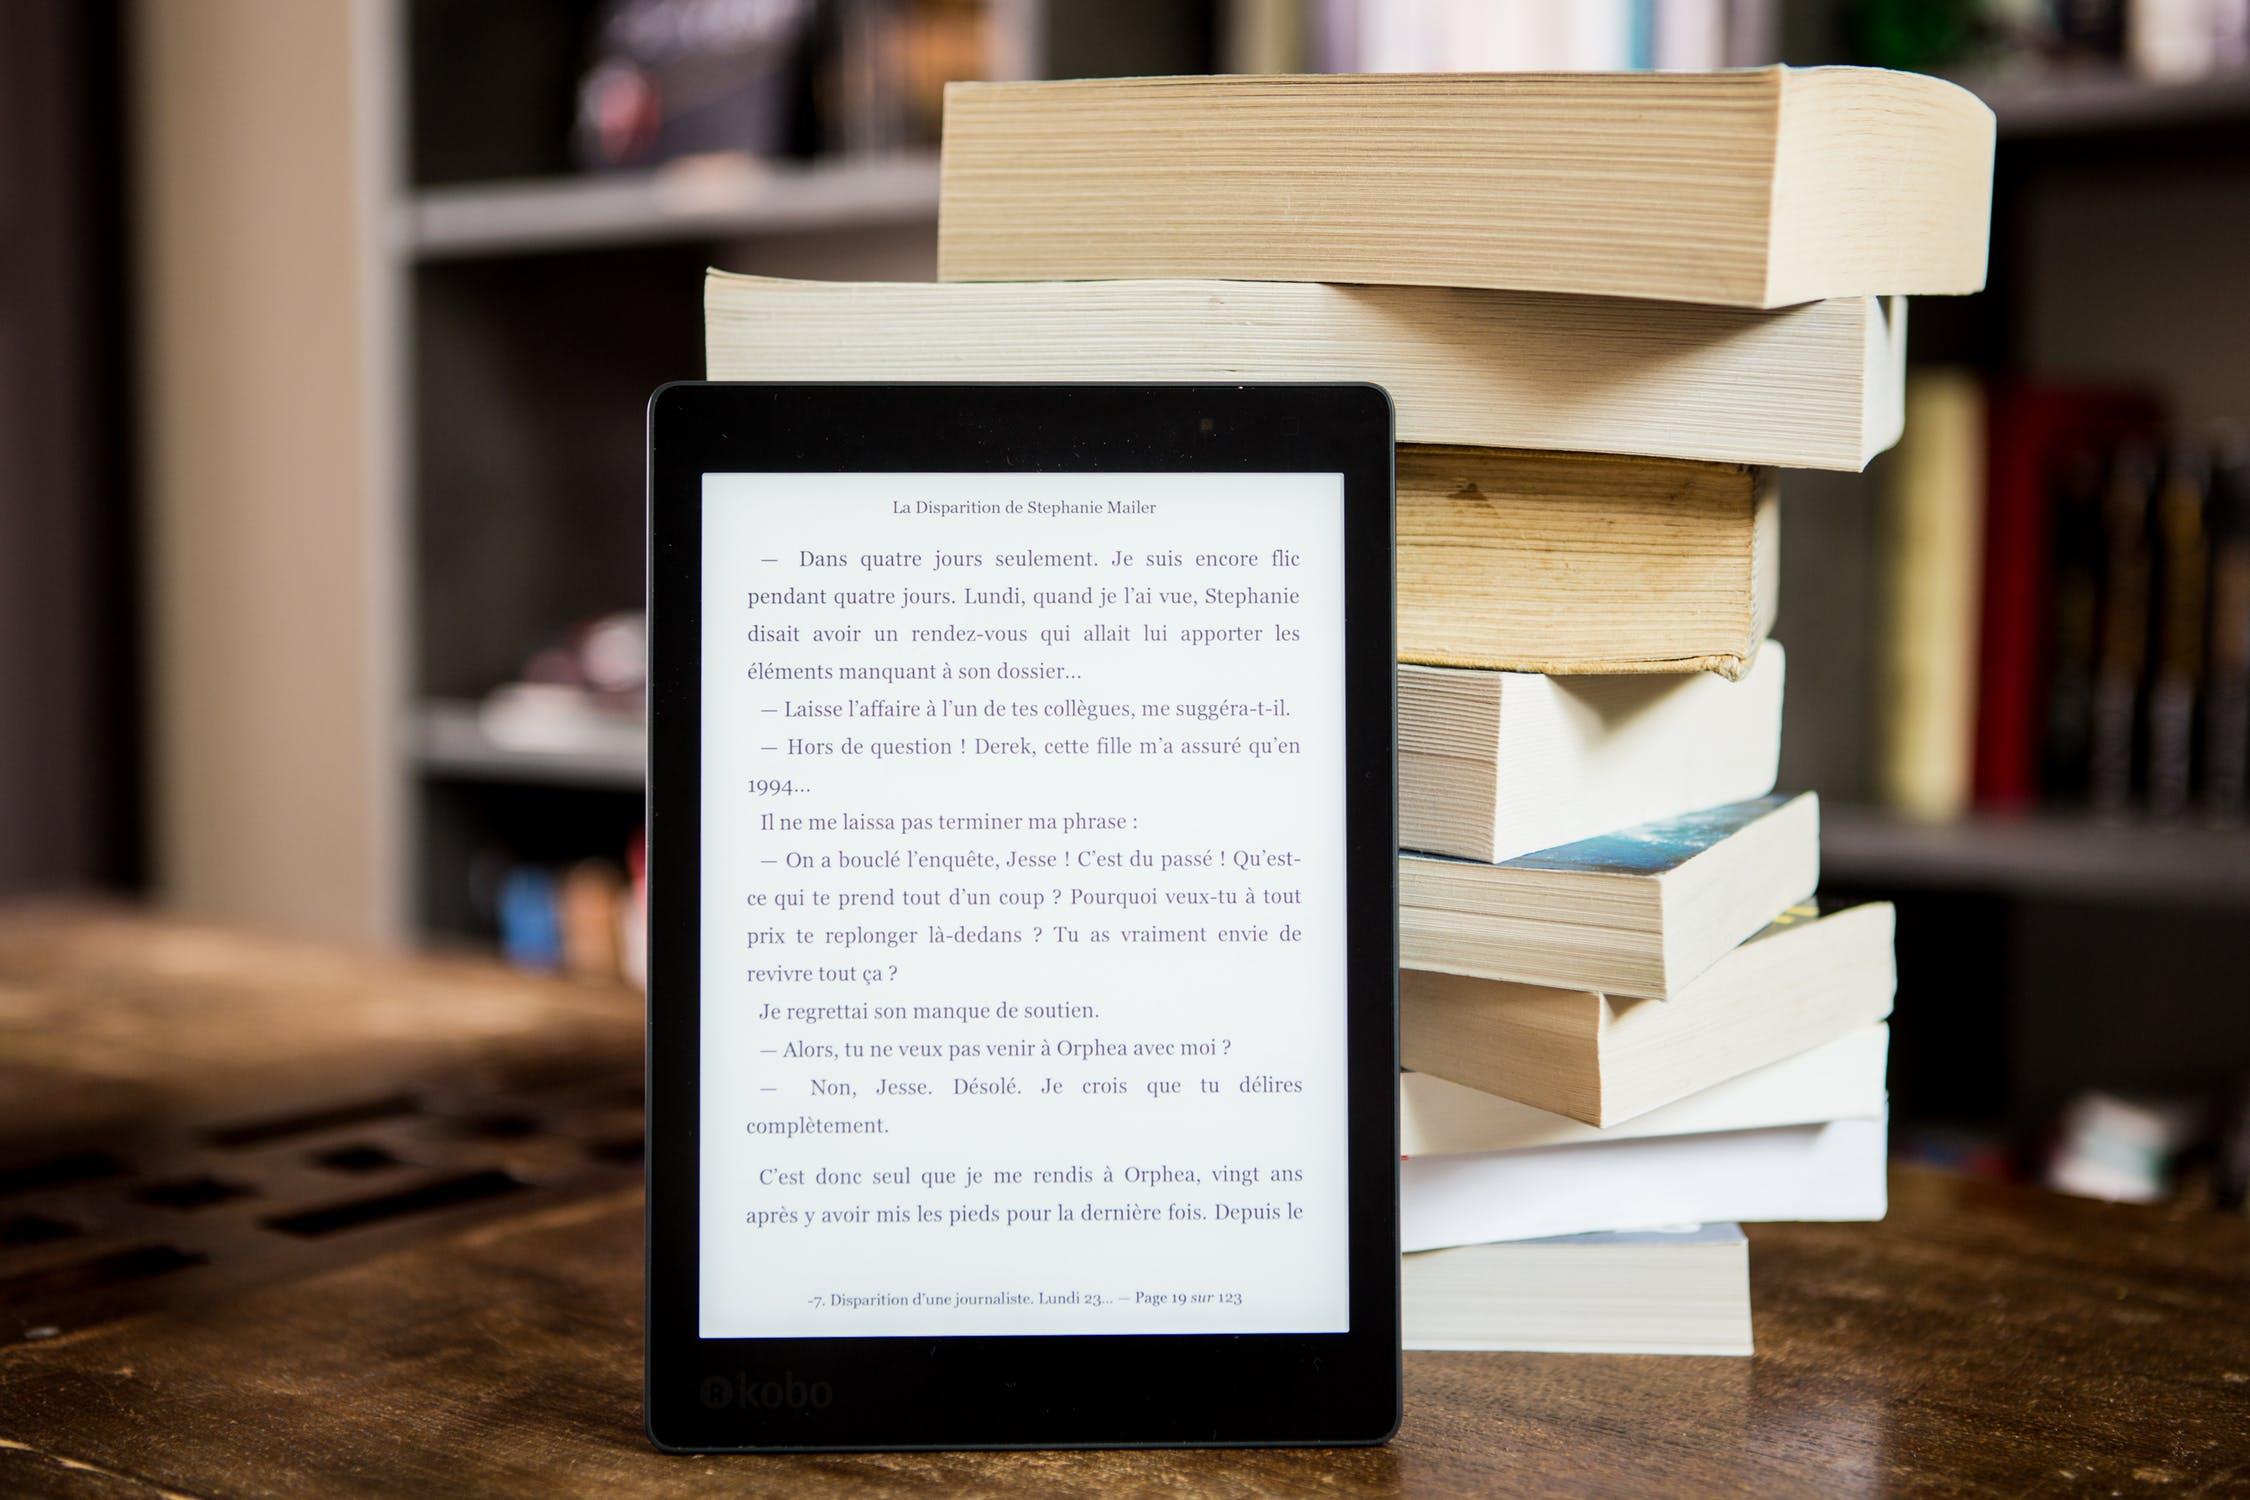 Ereader Con Libros